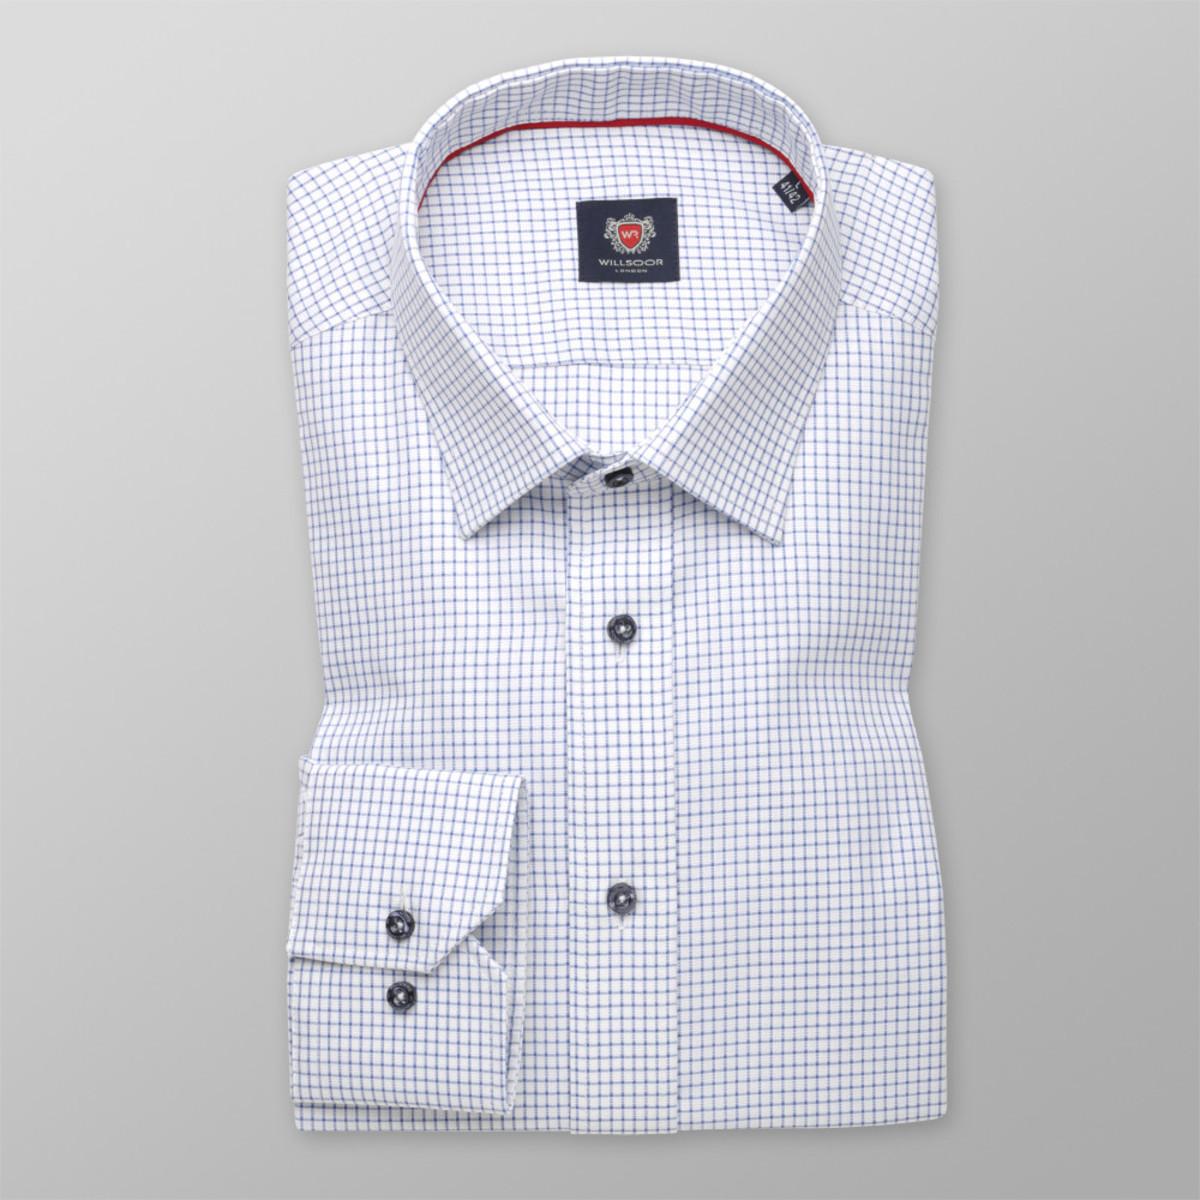 Košile London s jemným vzorem (výška 164-170) 9847 164-170 / M (39/40)